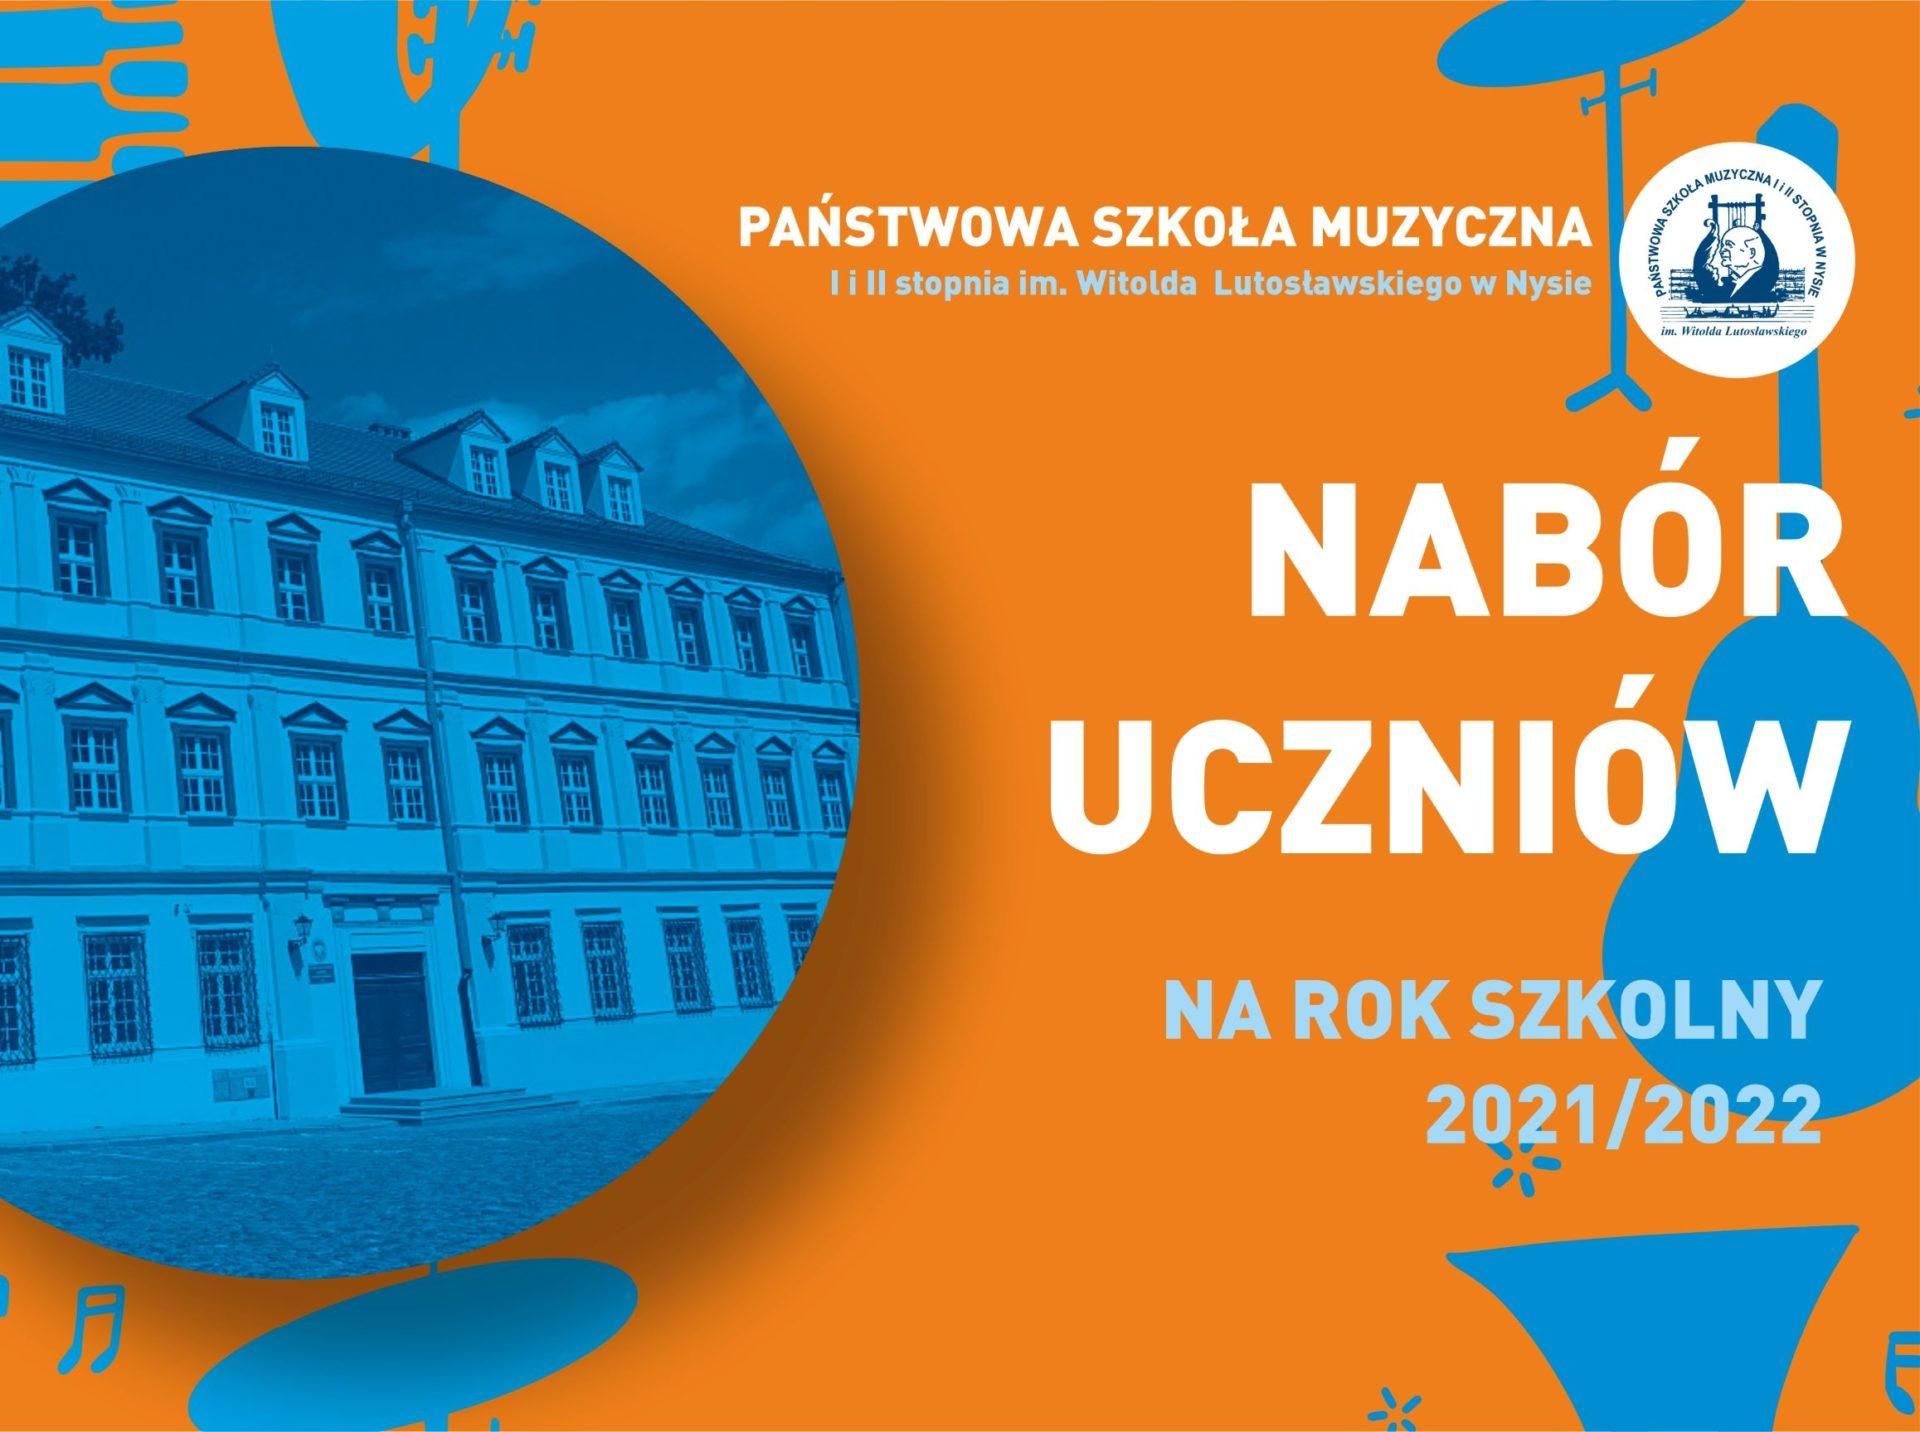 Nabór uczniów na rok szkolny 2021/2022 doPSM I i II stopnia im. Witolda Lutosławskiego w Nysie